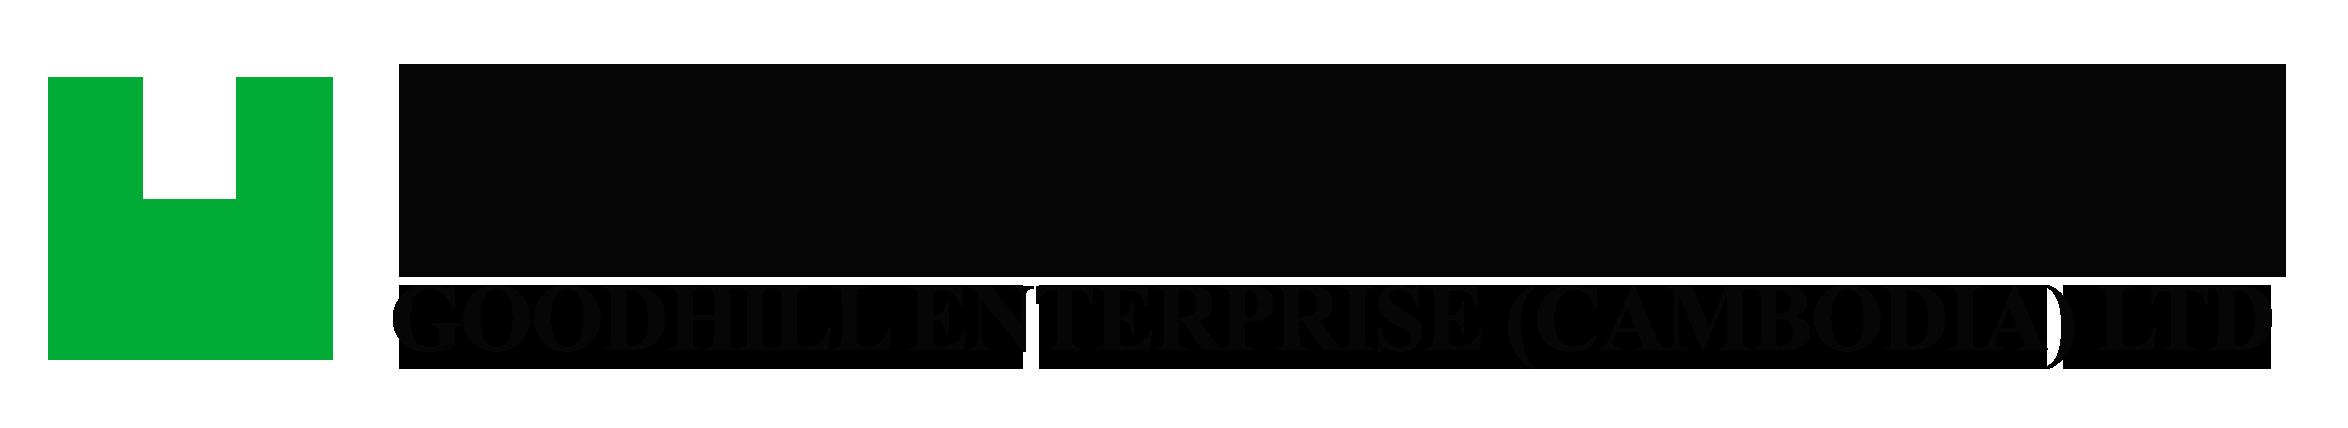 Goodhill Enterprise (Cambodia) Ltd